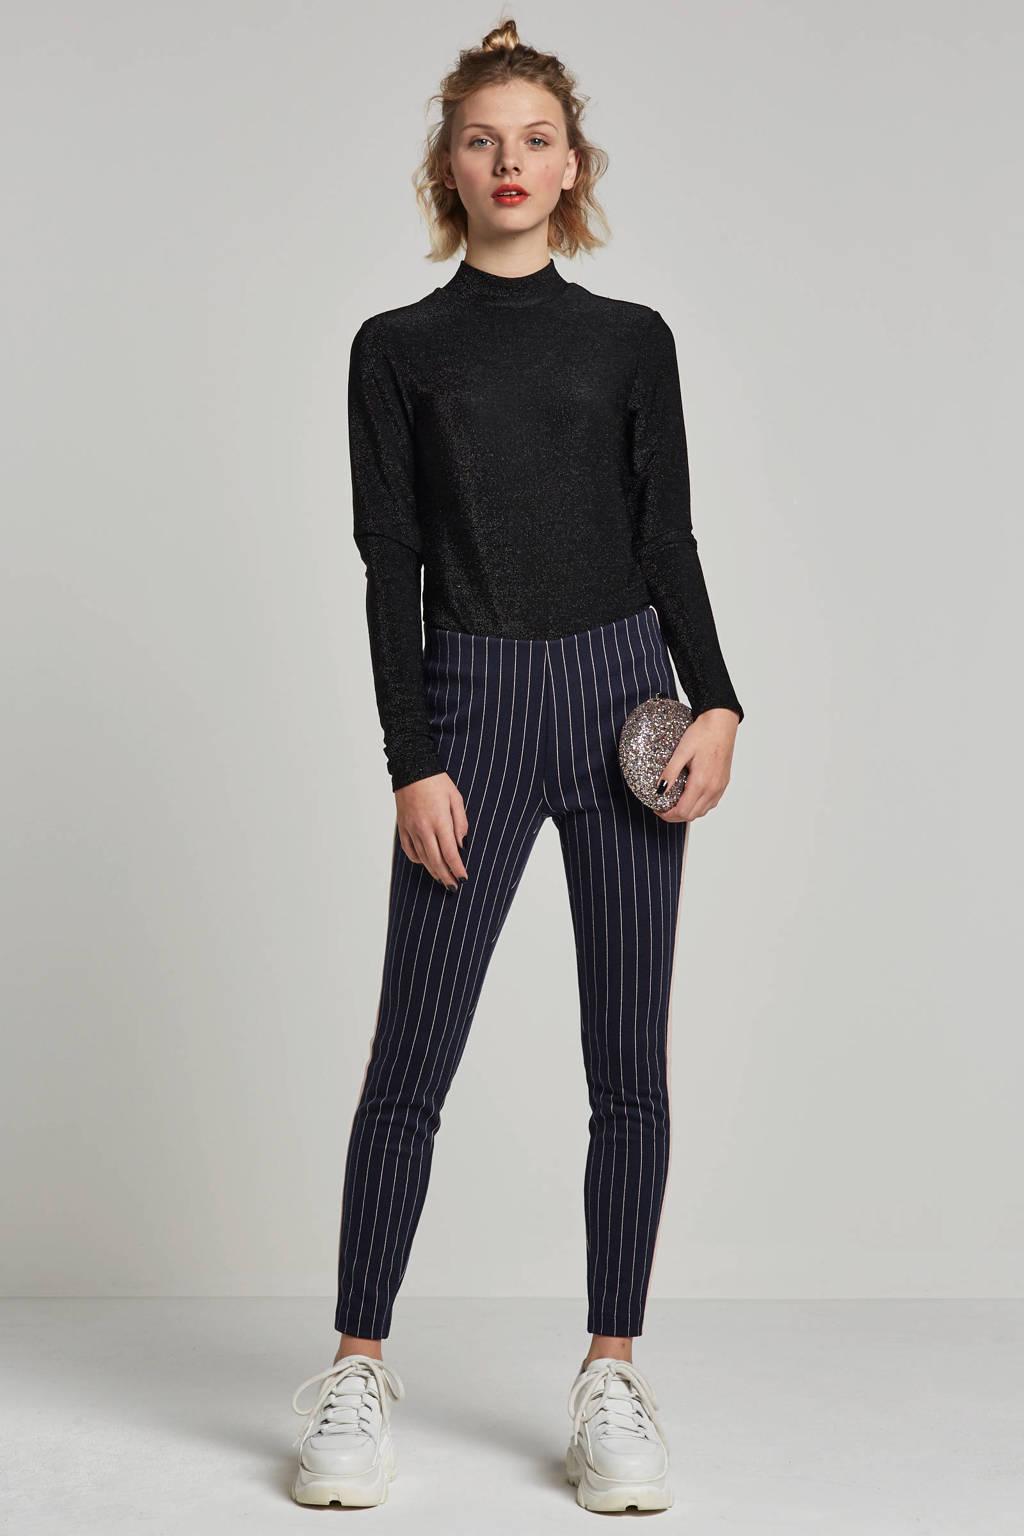 ONLY gestreepte broek met zij strepen, Zwart/wit/roze